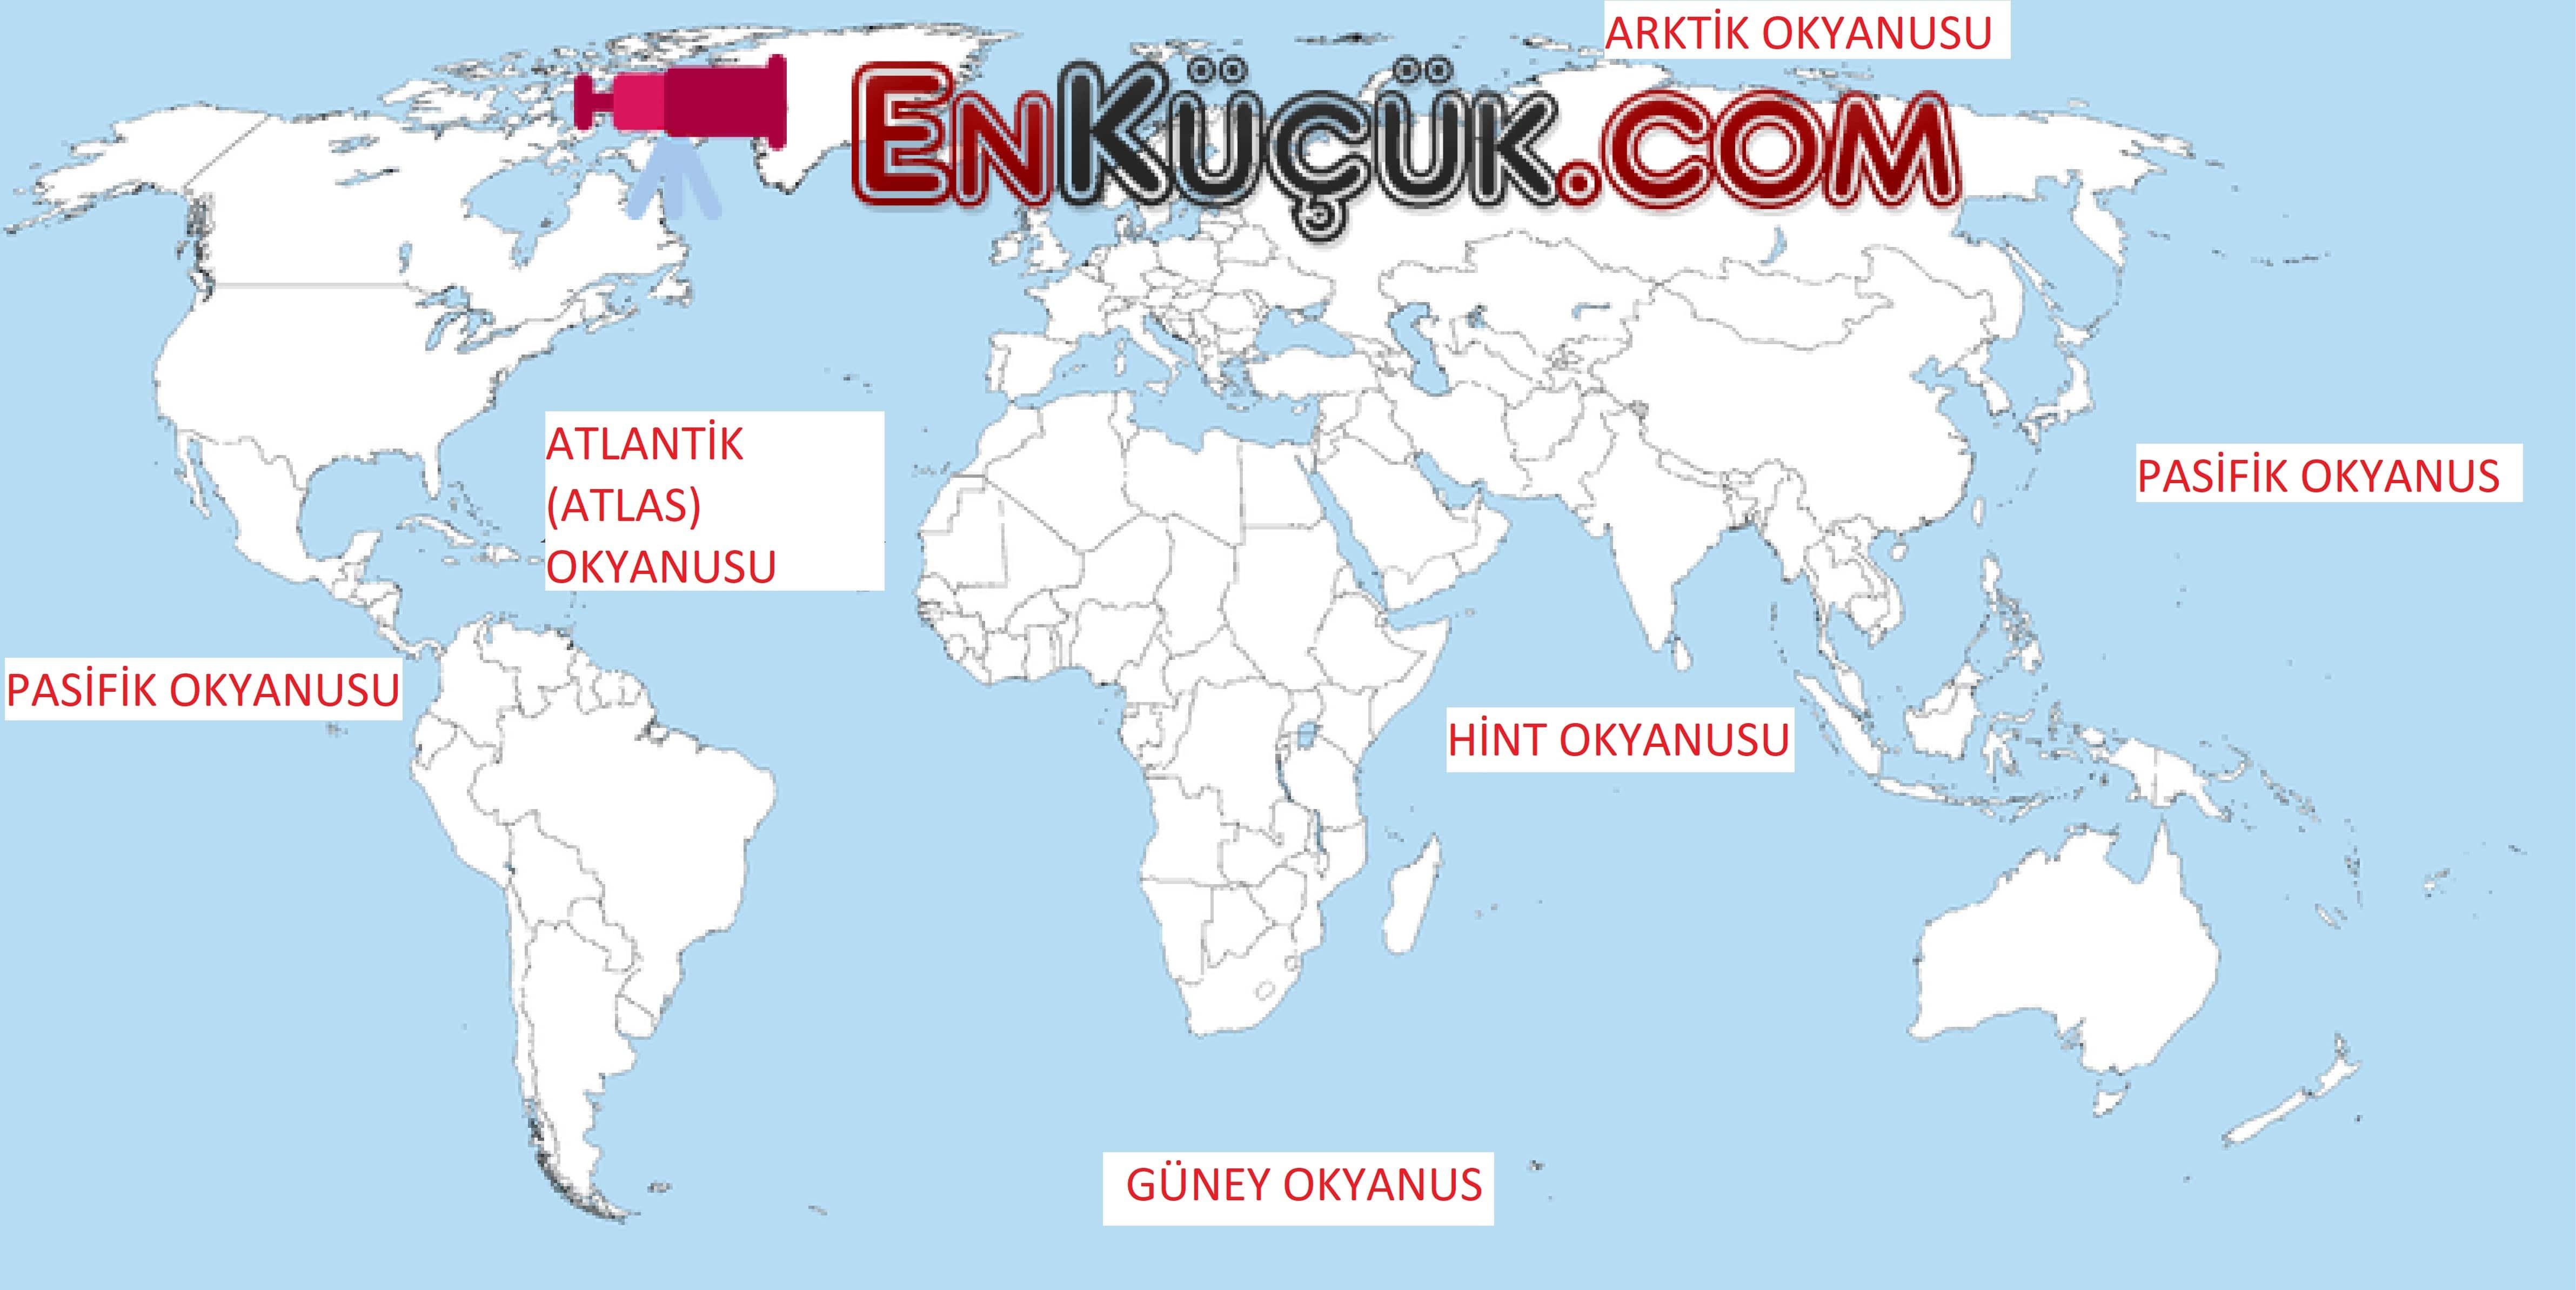 Türkiye'nin Gönüllü Ağaçlandırıcısı Anadolu Sincabı 83